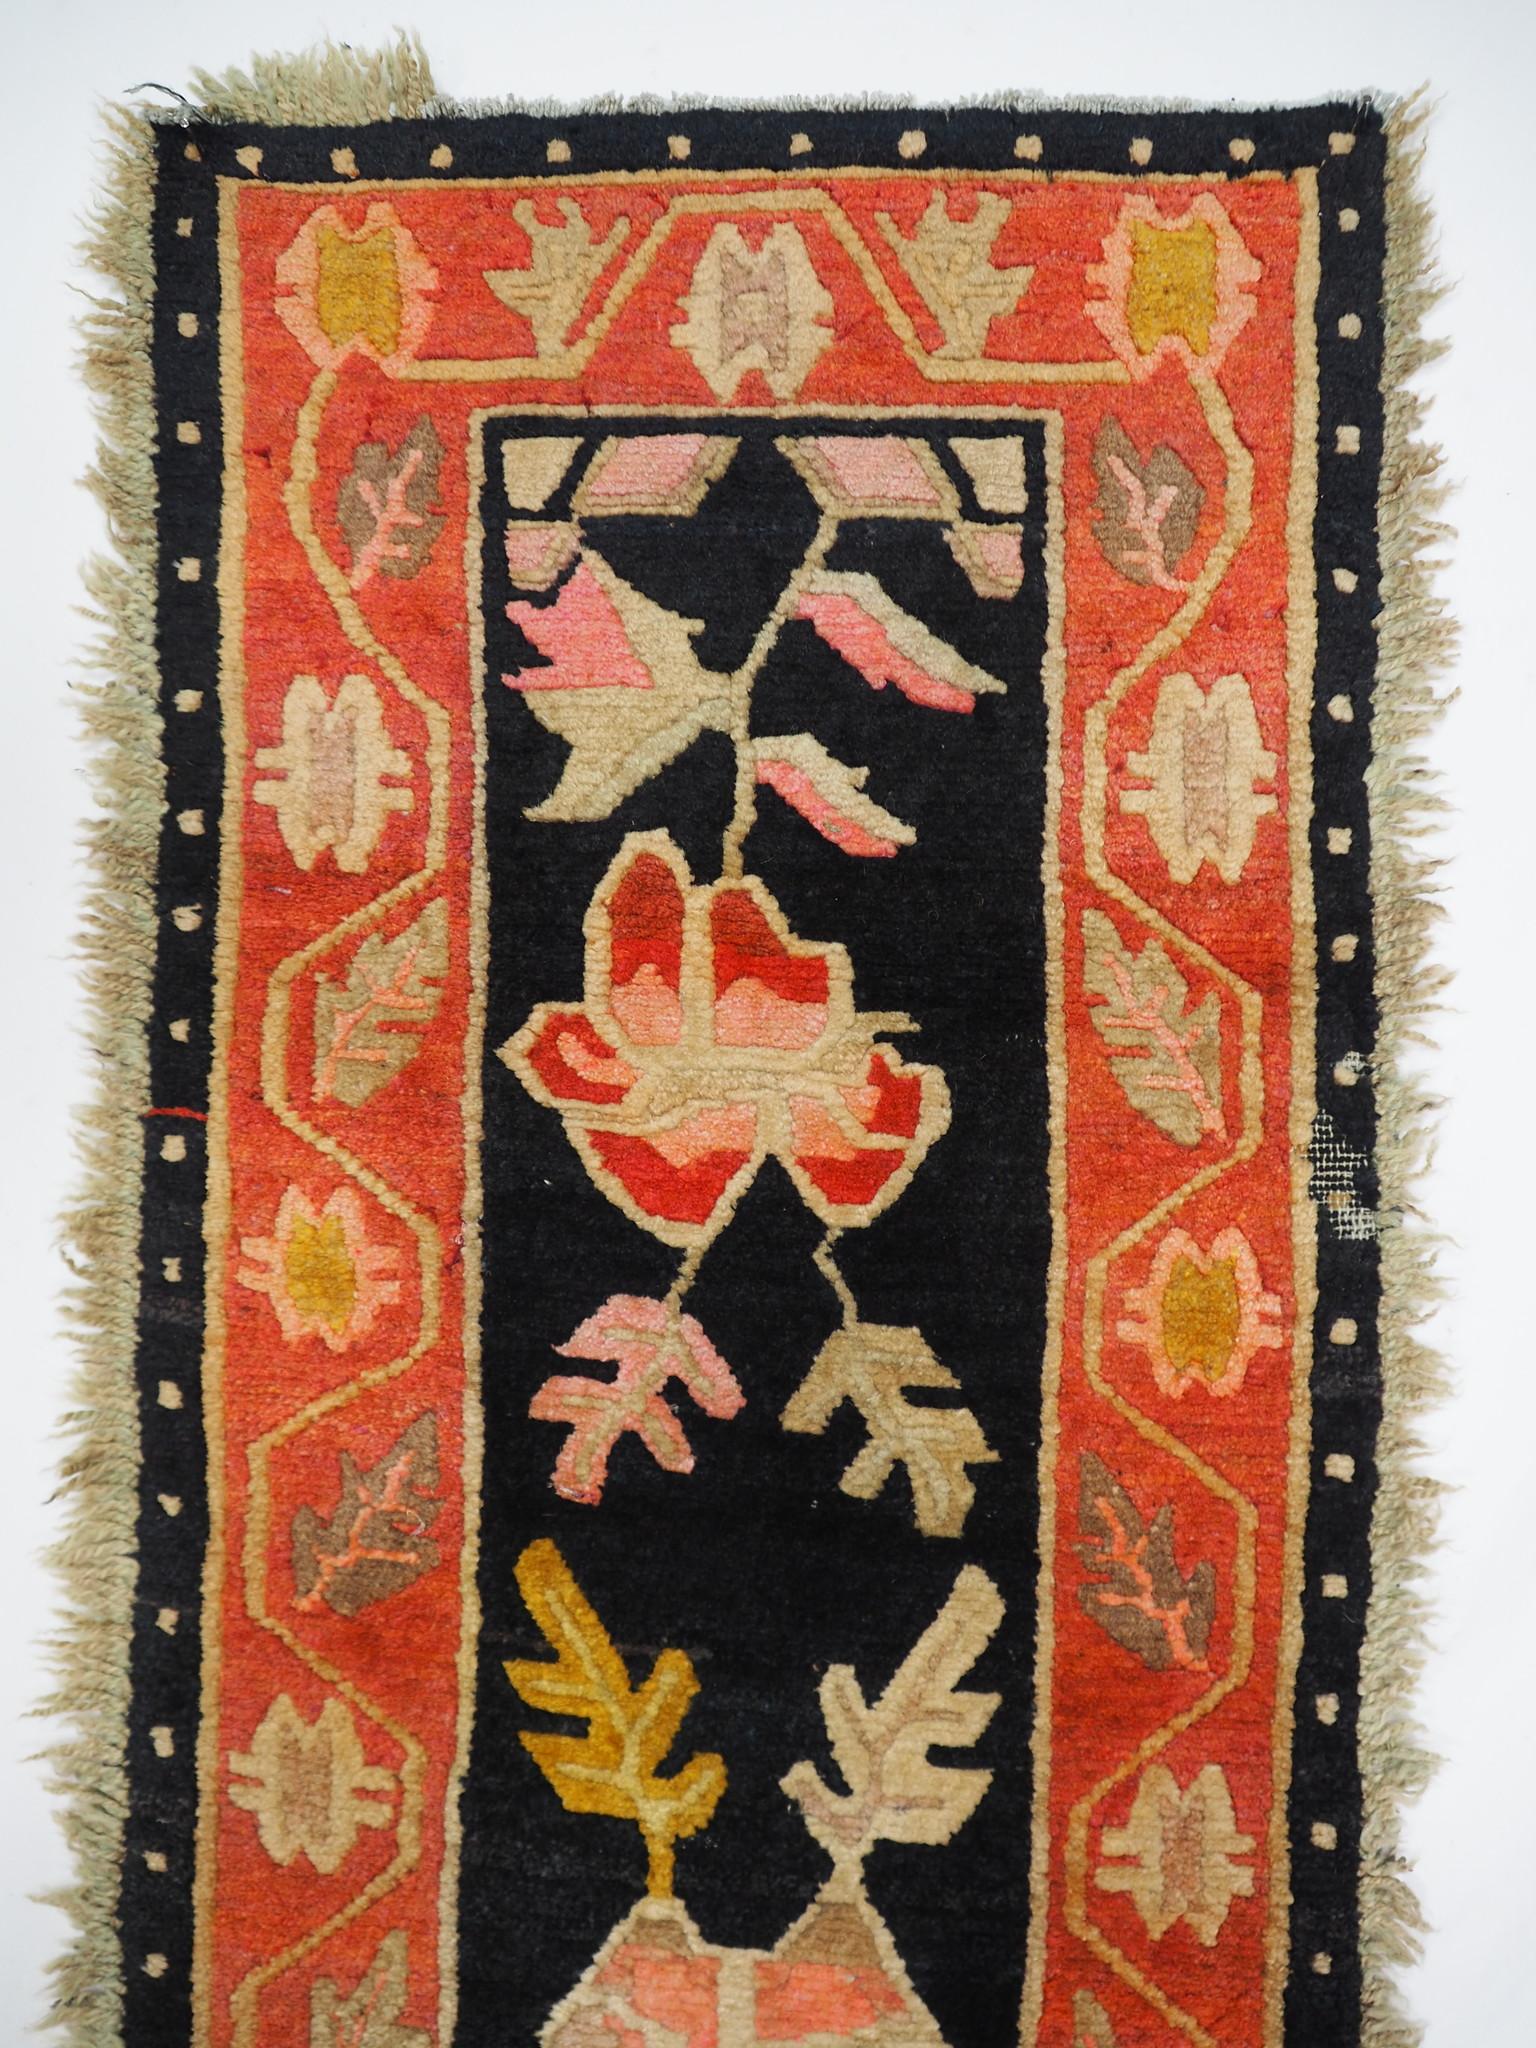 210x 50 cm antik Tibetischer Khaden Yoga Meditation Dorfteppich buddhistische Klöster gebetsteppich Teppich Schlafteppich Nr.24